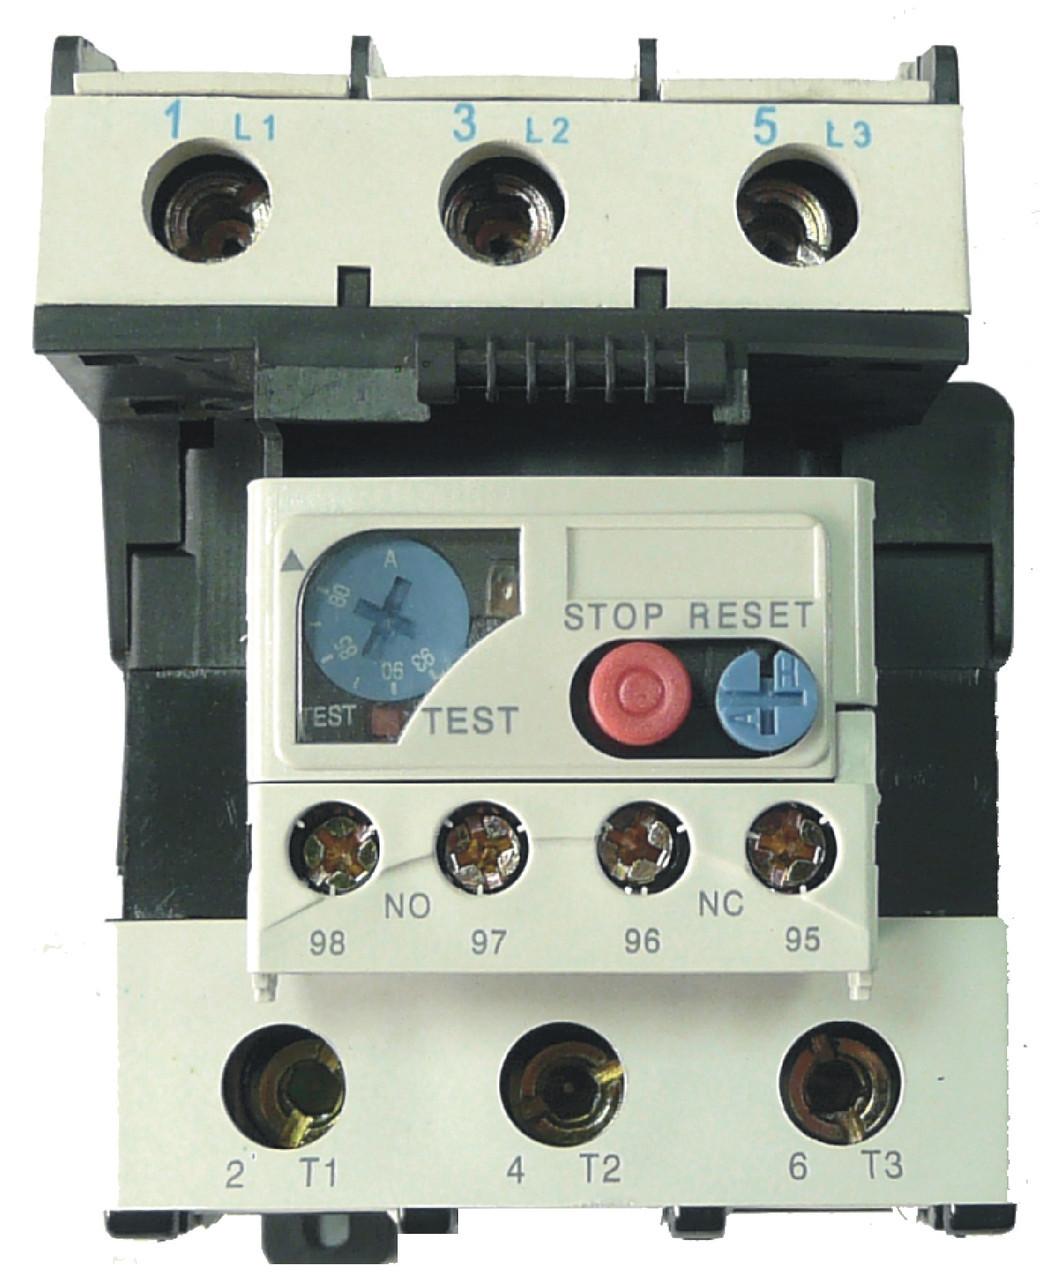 Реле теплове Промфактор РТ 2М-93, 37-93А, 1NO+1NC, вбудовані та автономні